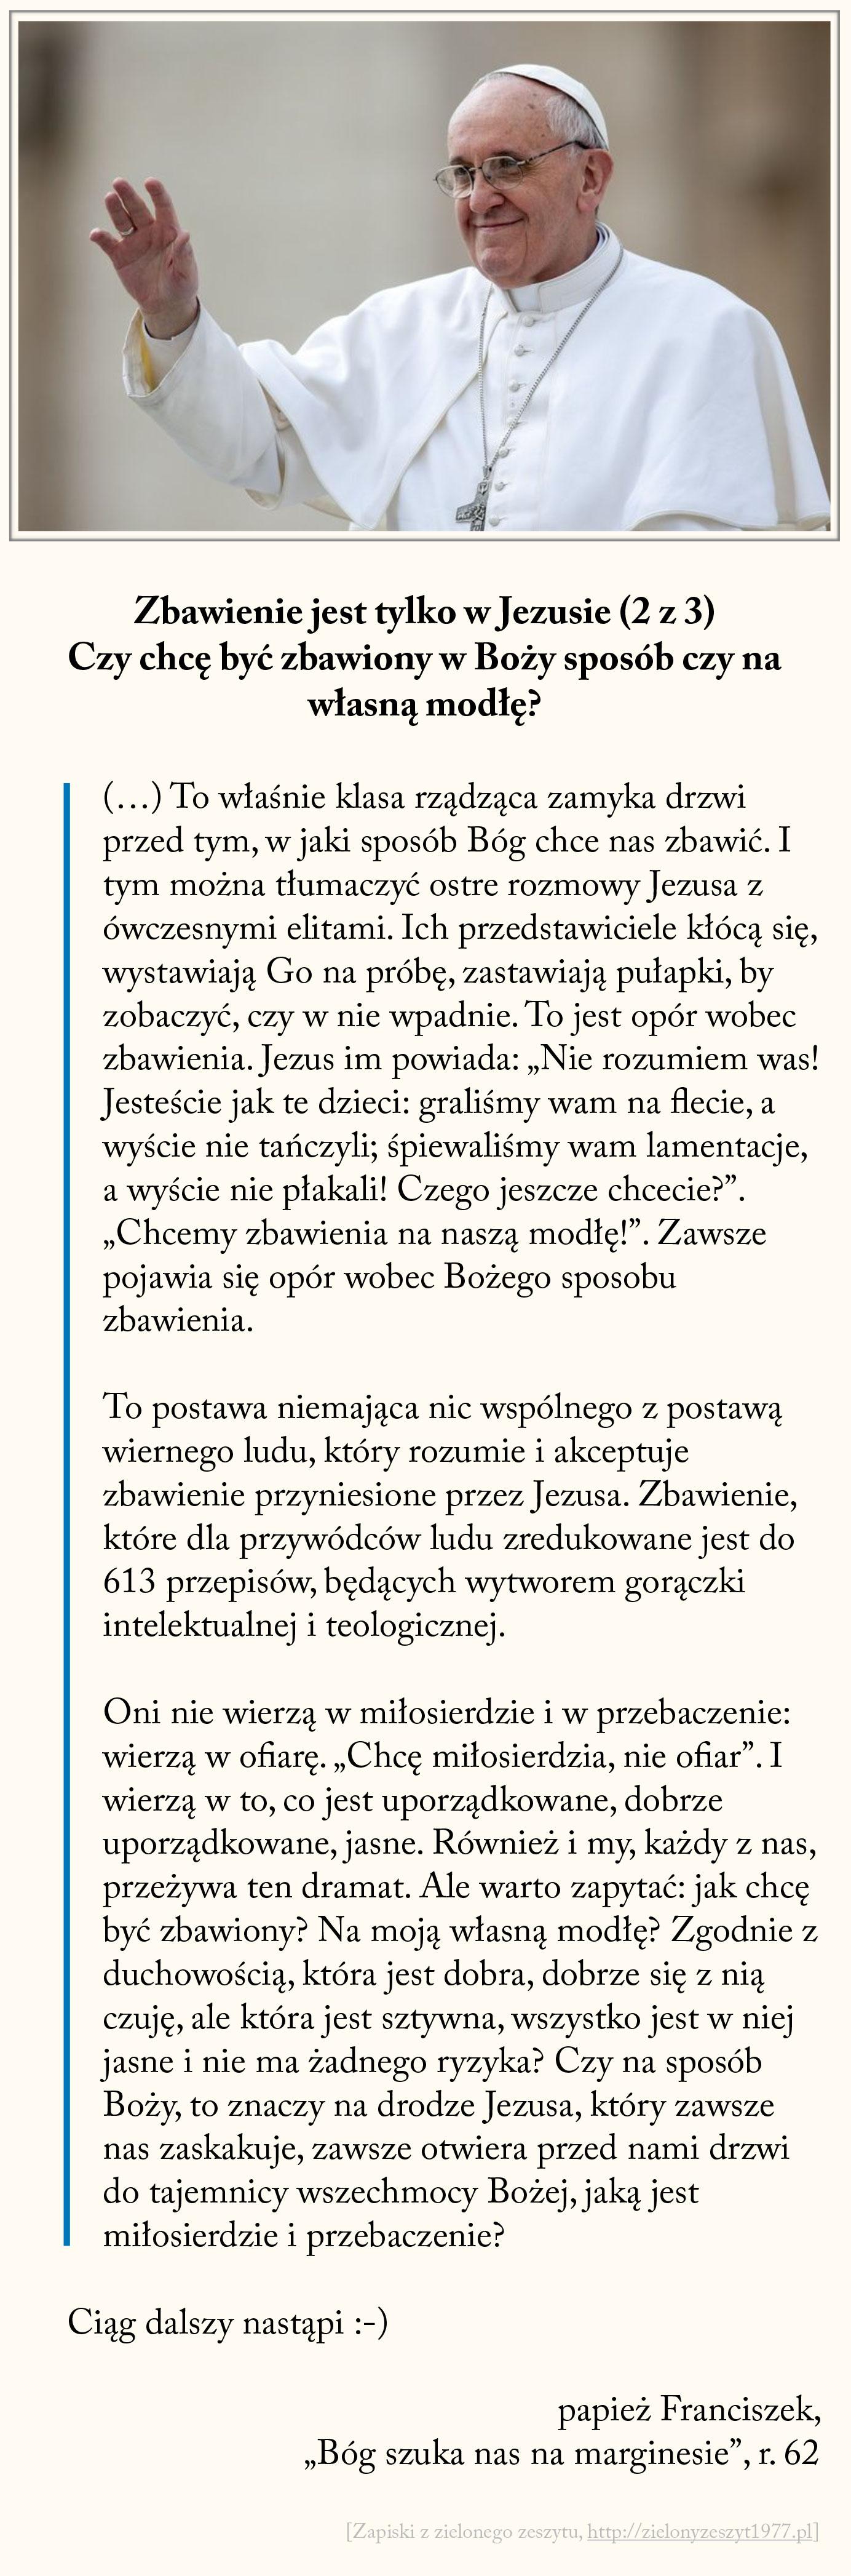 Zbawienie jest tylko w Jezusie (2 z 3) - Czy chcę być zbawiony w Boży sposób czy na własną modłę? papież Franciszek